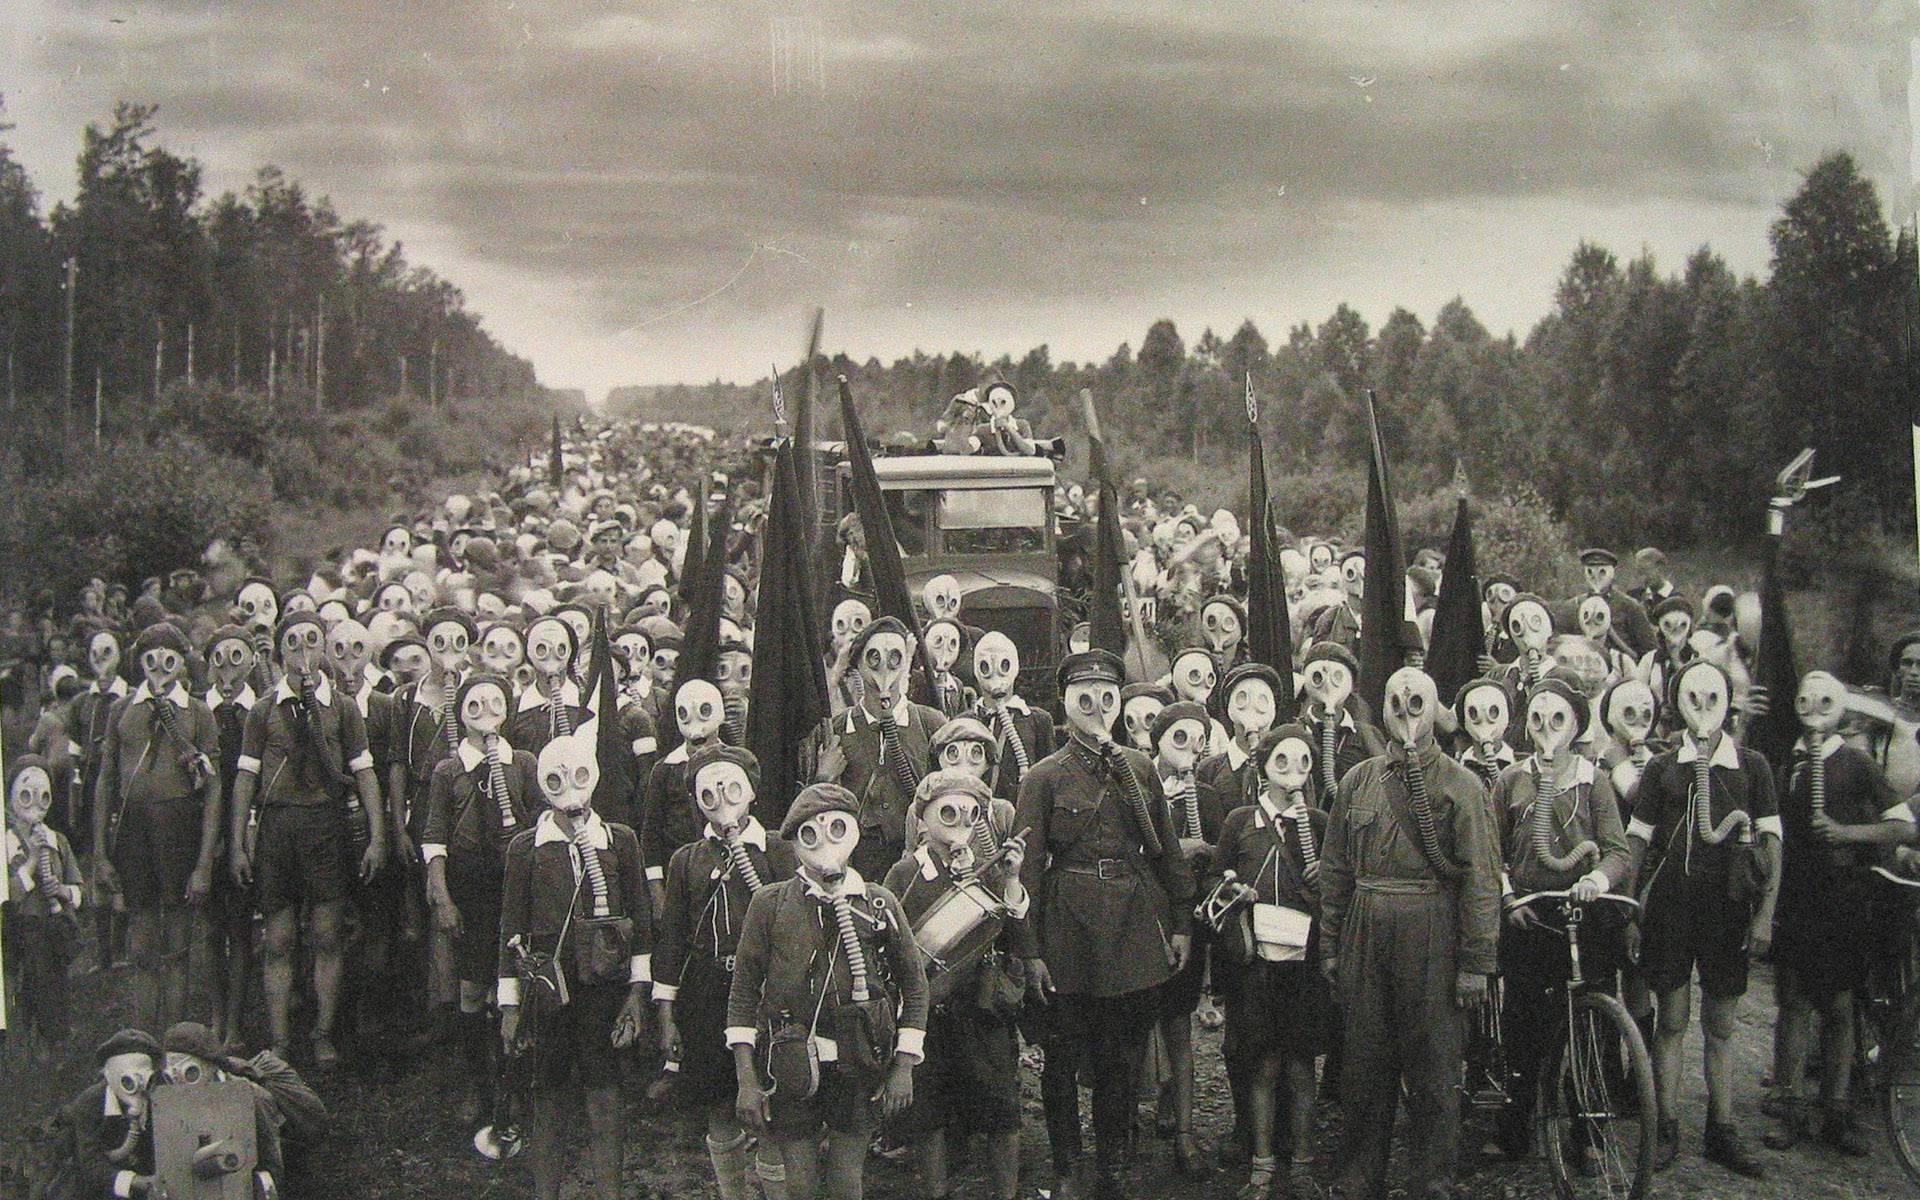 Soviet history world war i wallpaper HQ WALLPAPER   19691 1920x1200